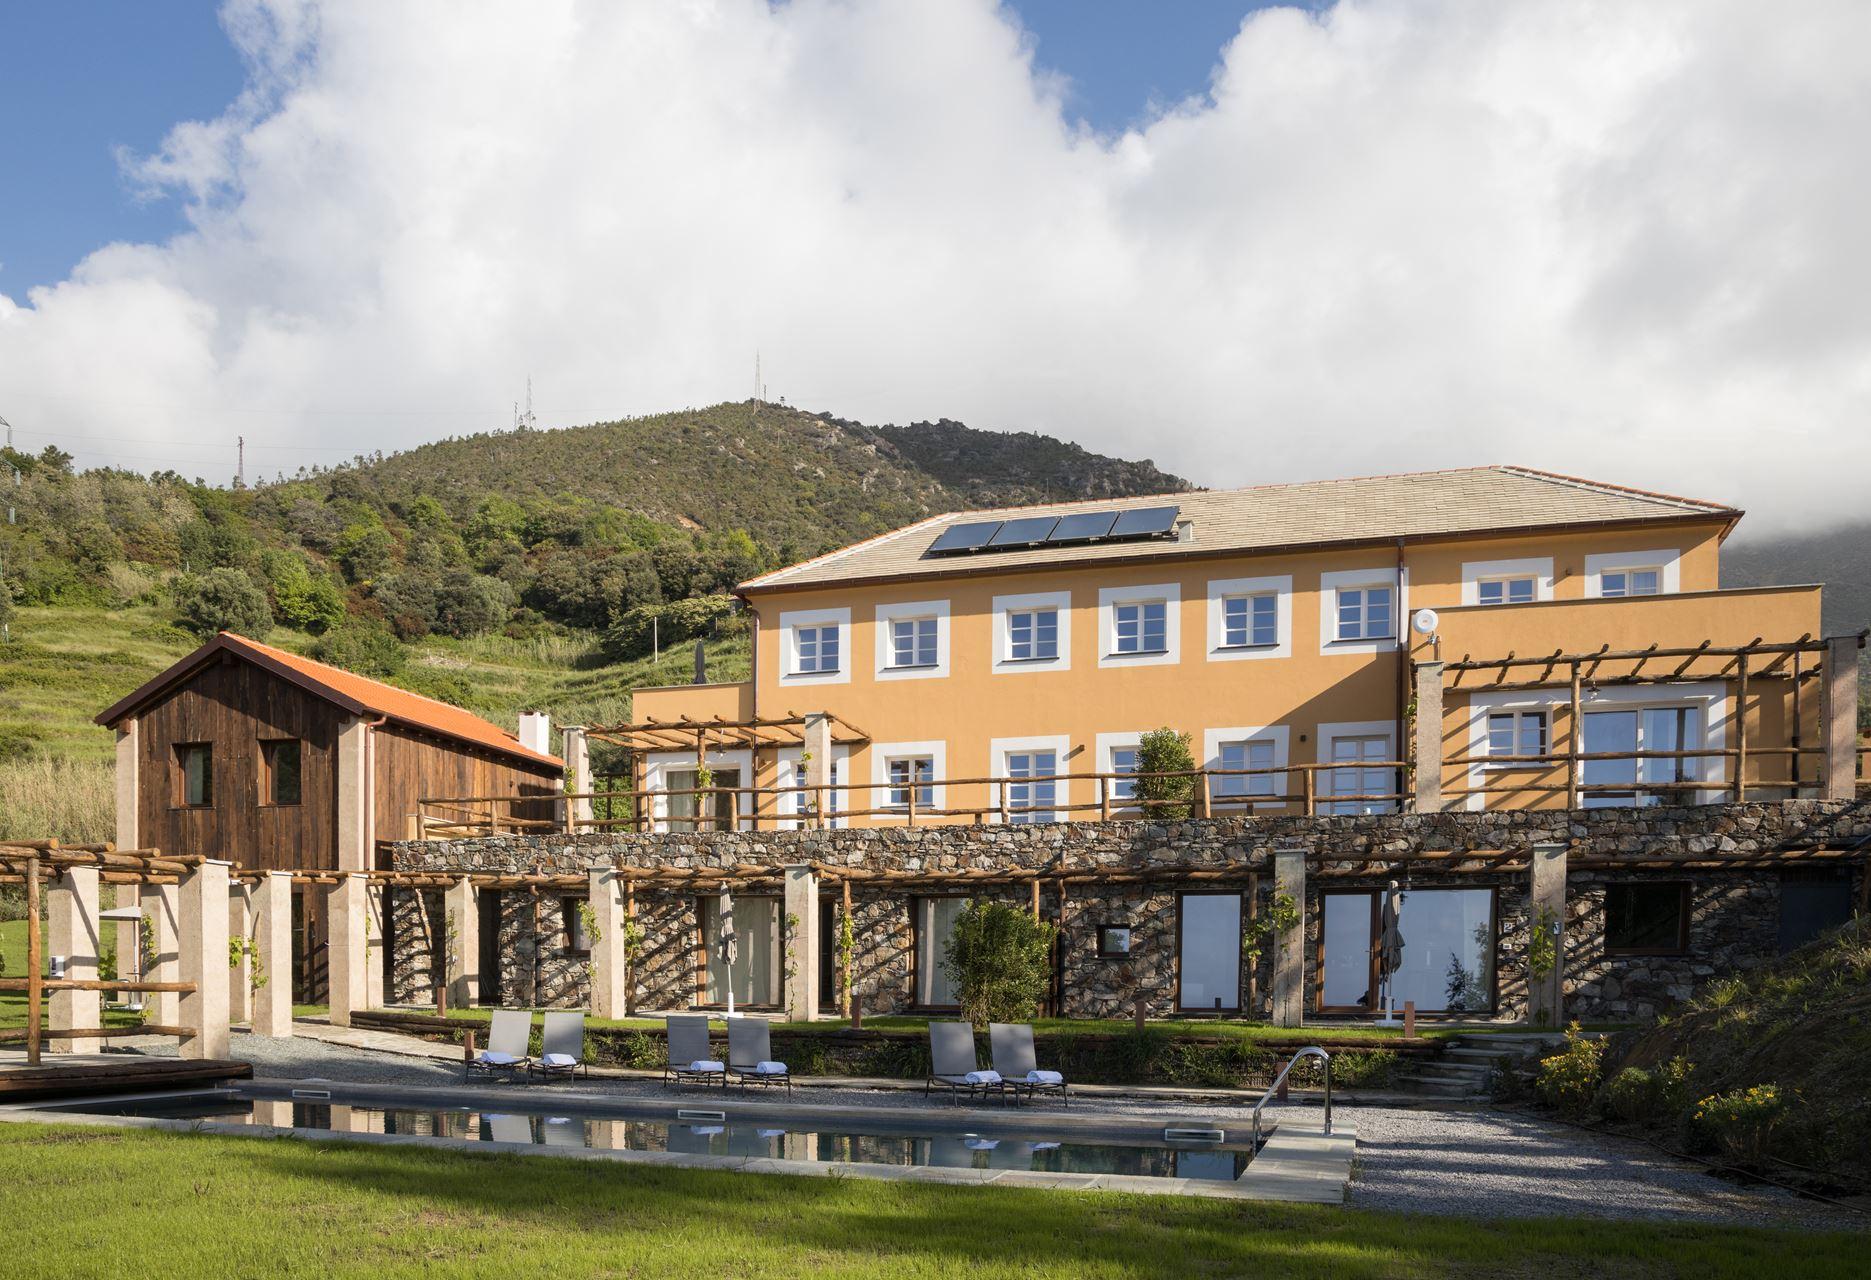 Mirandola Suites, Appartamenti sulle colline di Arenzano, tra cielo e mare della Liguria